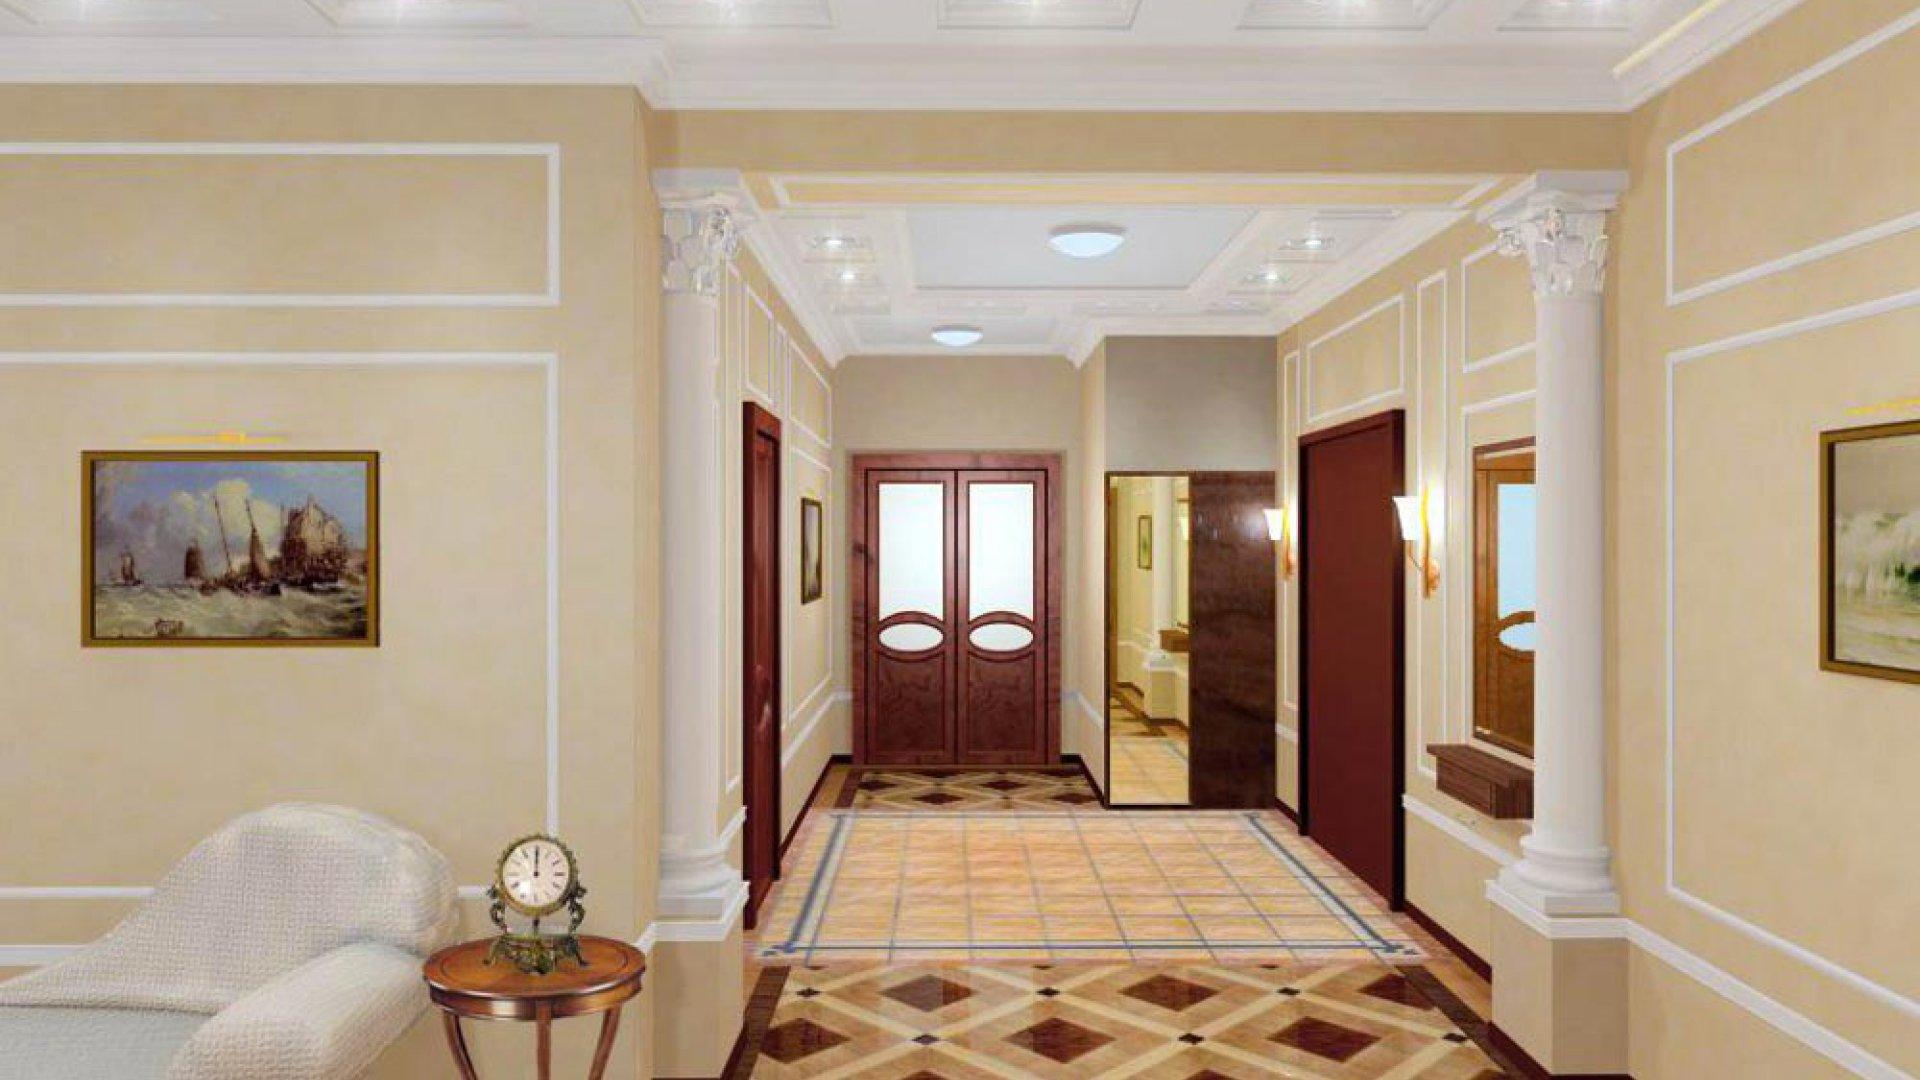 Дизайн и отделка квартир в классическом стиле